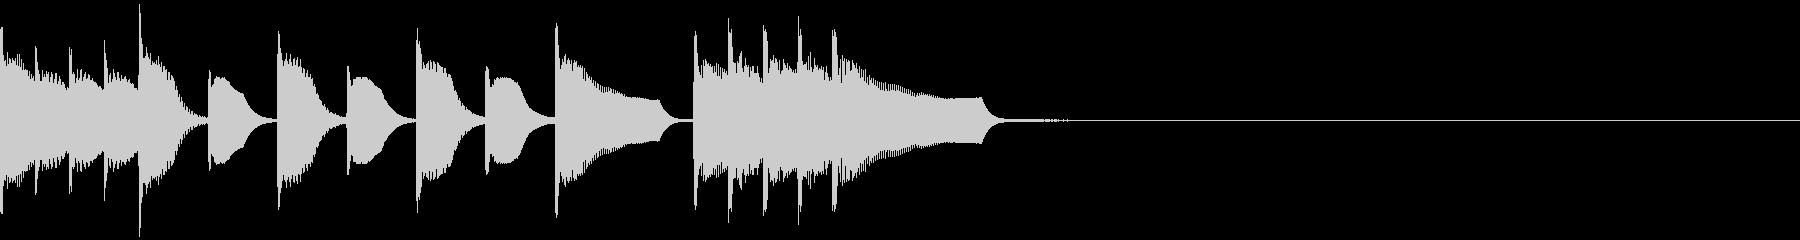 フルートとマリンバの愉快なジングルの未再生の波形